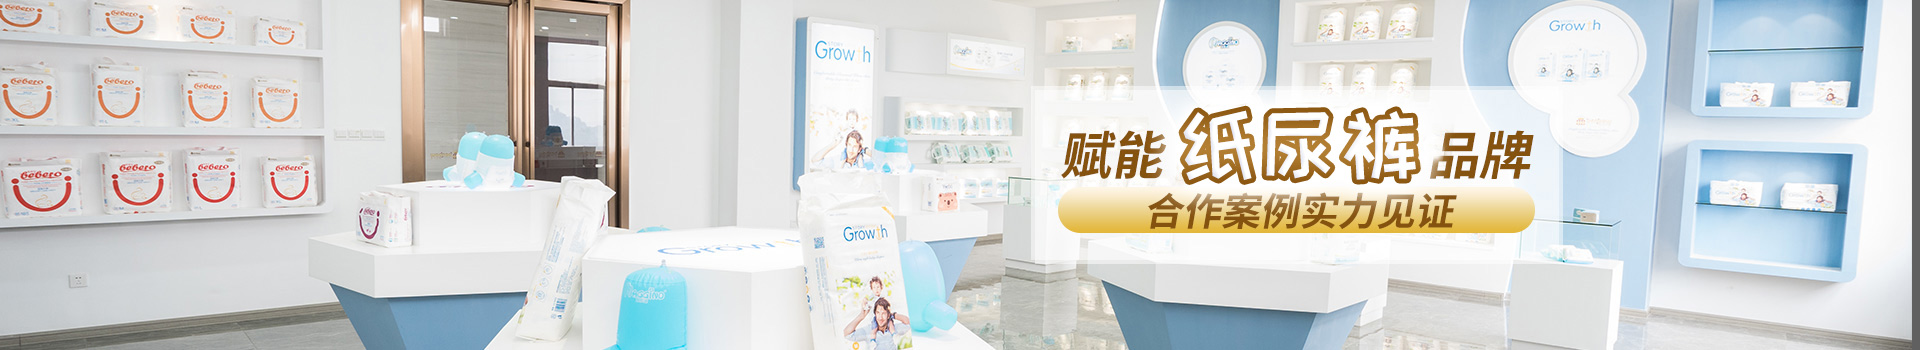 广东邦宝护理-赋能纸尿裤品牌,合作案例实力见证